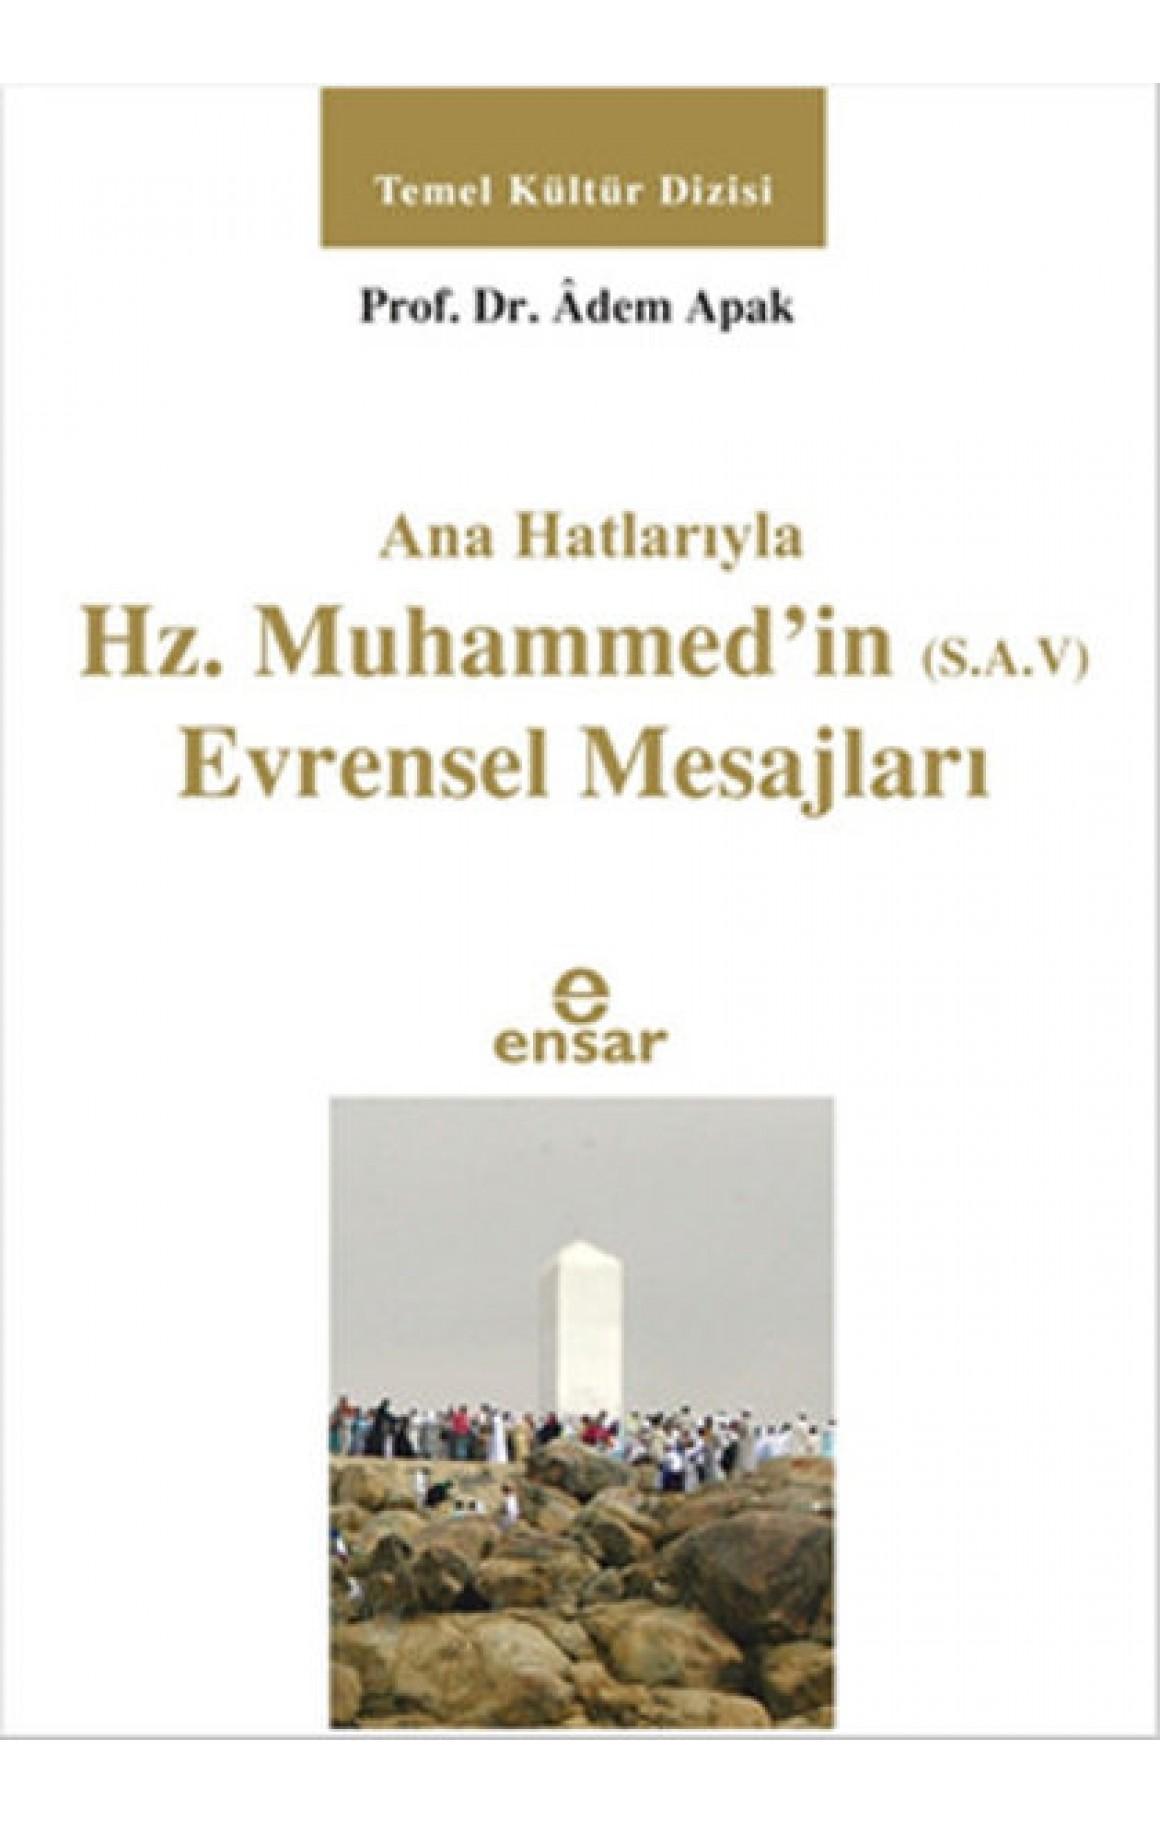 Ana Hatlariyla Hz. Muhammedin (S.A.V) Evrensel Mesajlari